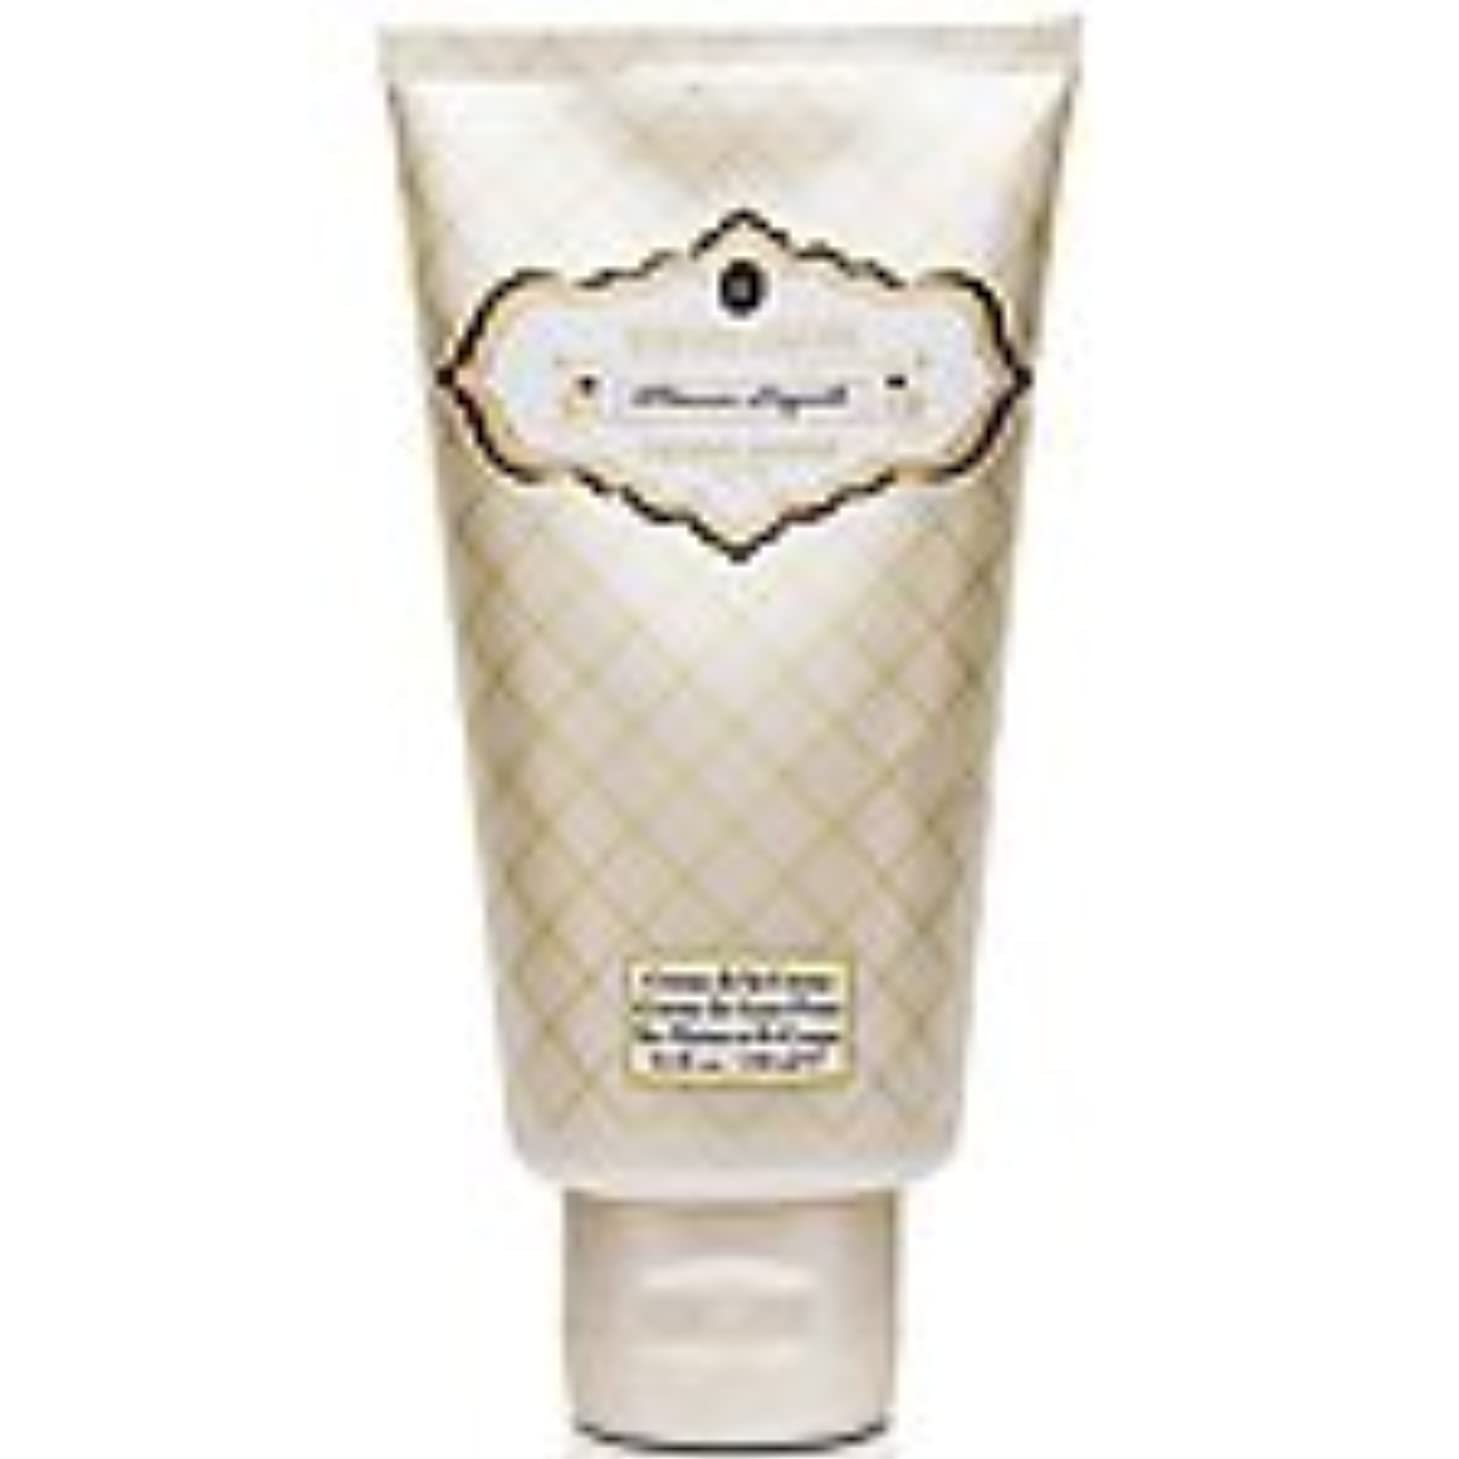 暴露プレーヤーメーカーMemoire Liquide Reserve - Amour Liquide (メモワールリキッドリザーブ - アモアーリキッド) 5.1 oz (153ml) Body Cream for Unisex